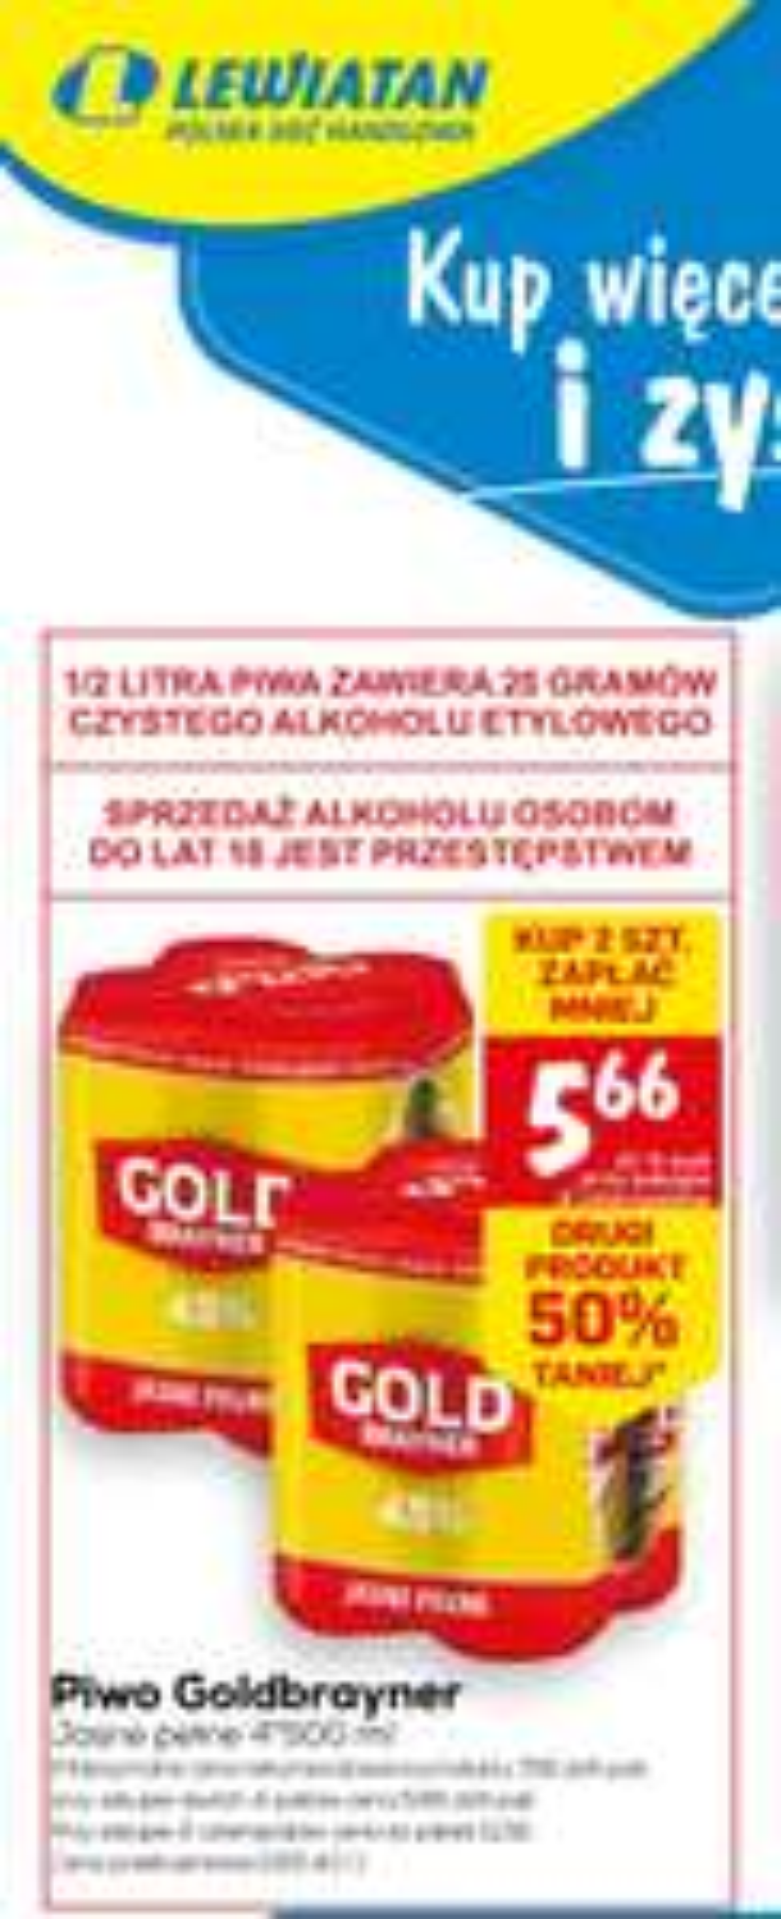 Piwo Goldbrayner puszka 500ml cena za 4-pak przy zakupie 2 4-paków 1L=2,83 \Leviatan\